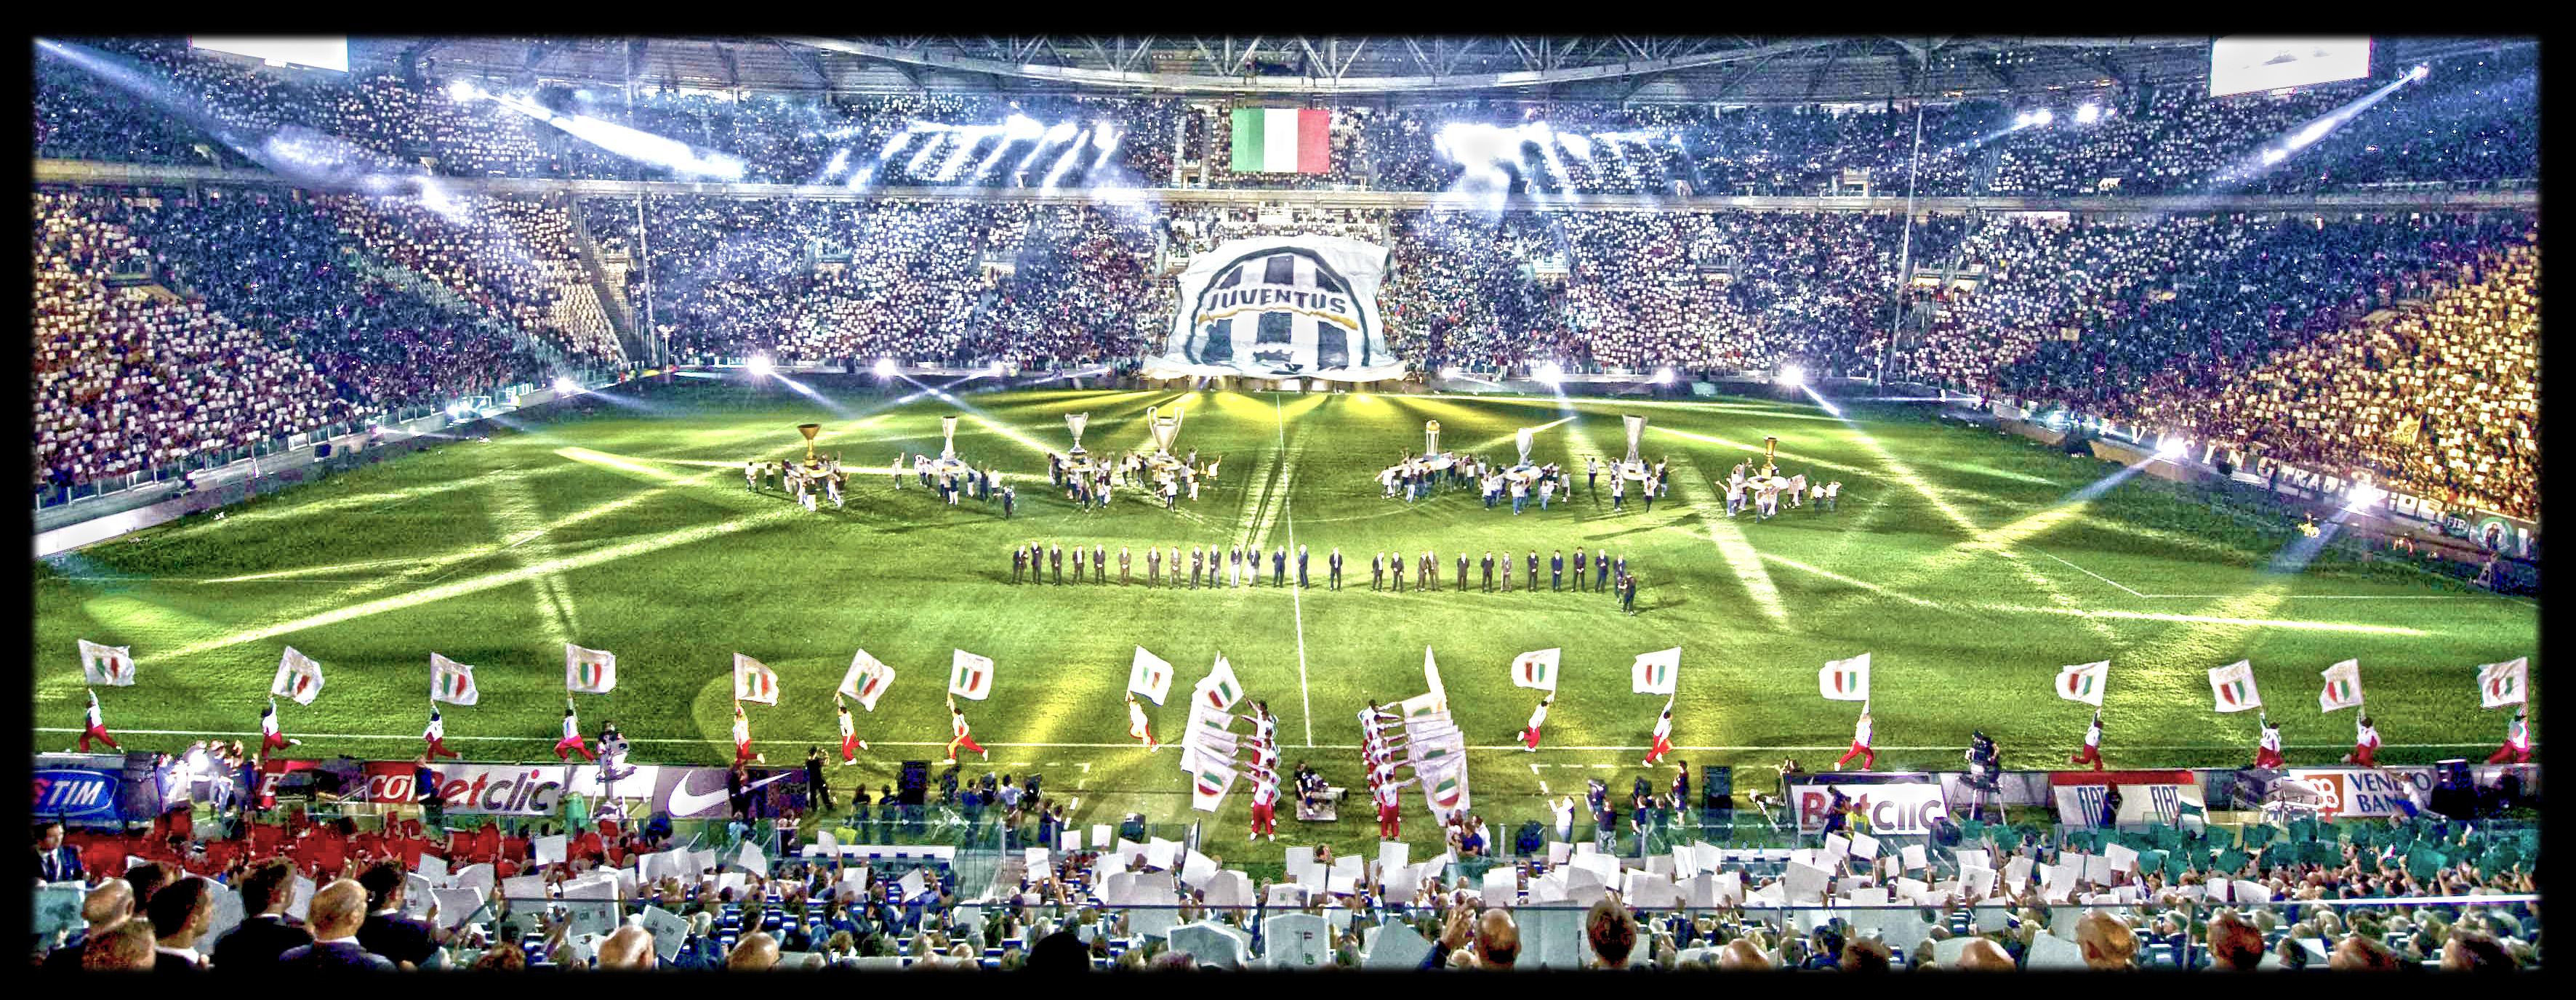 Cerimonia Inaugurazione del Nuovo Stadio Della Juventus